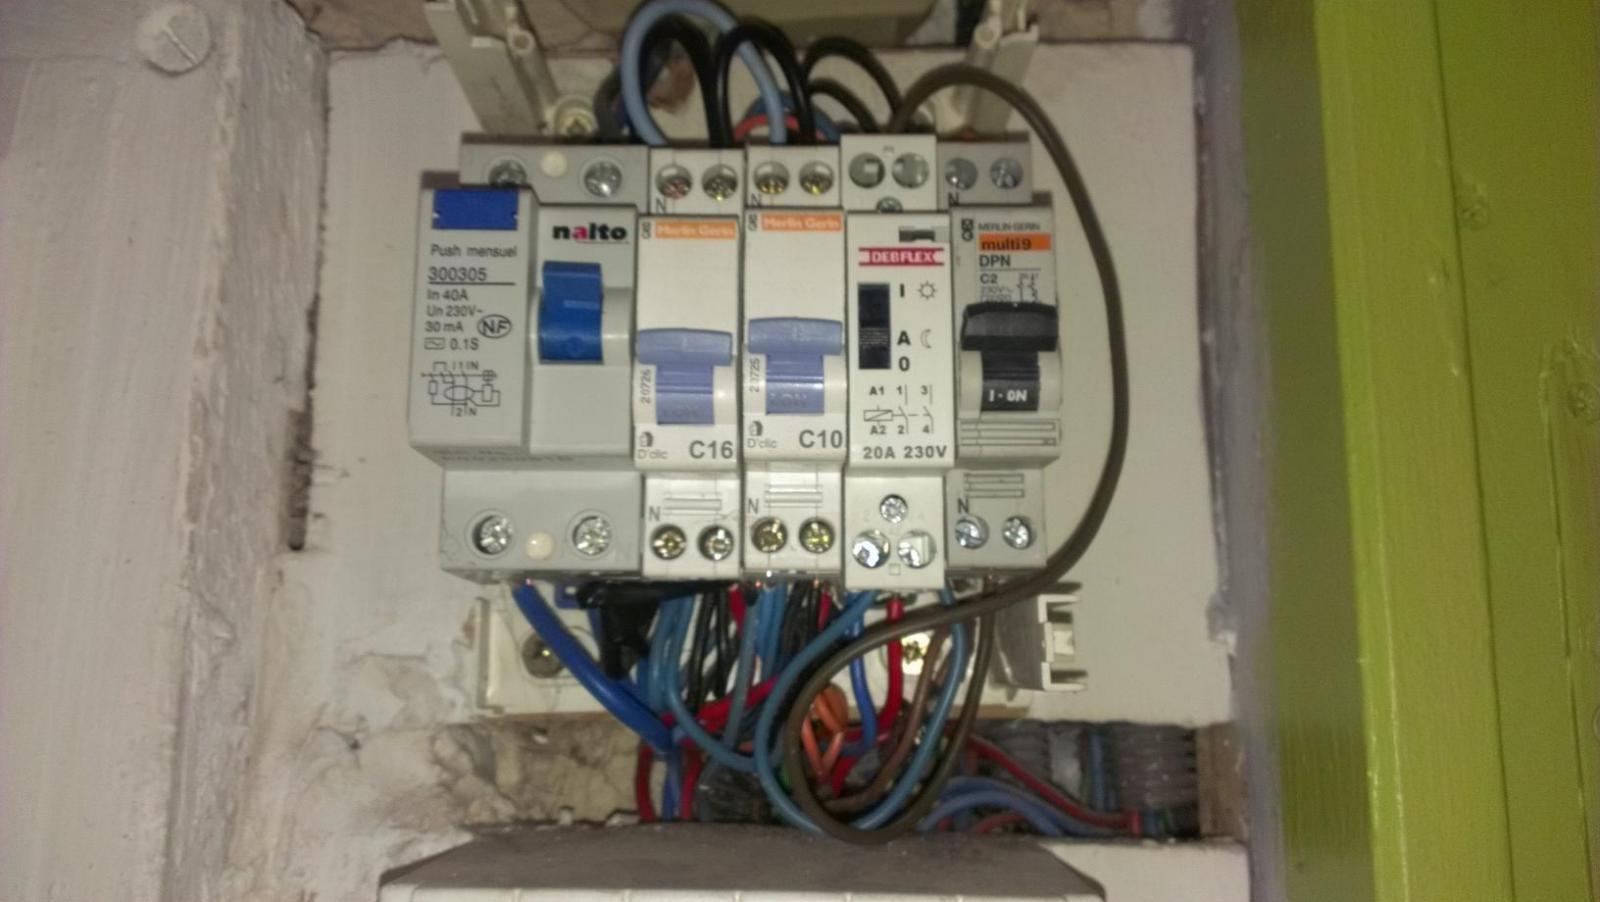 Comment fonctionne un contacteur - Comment fonctionne un chauffe eau electrique ...